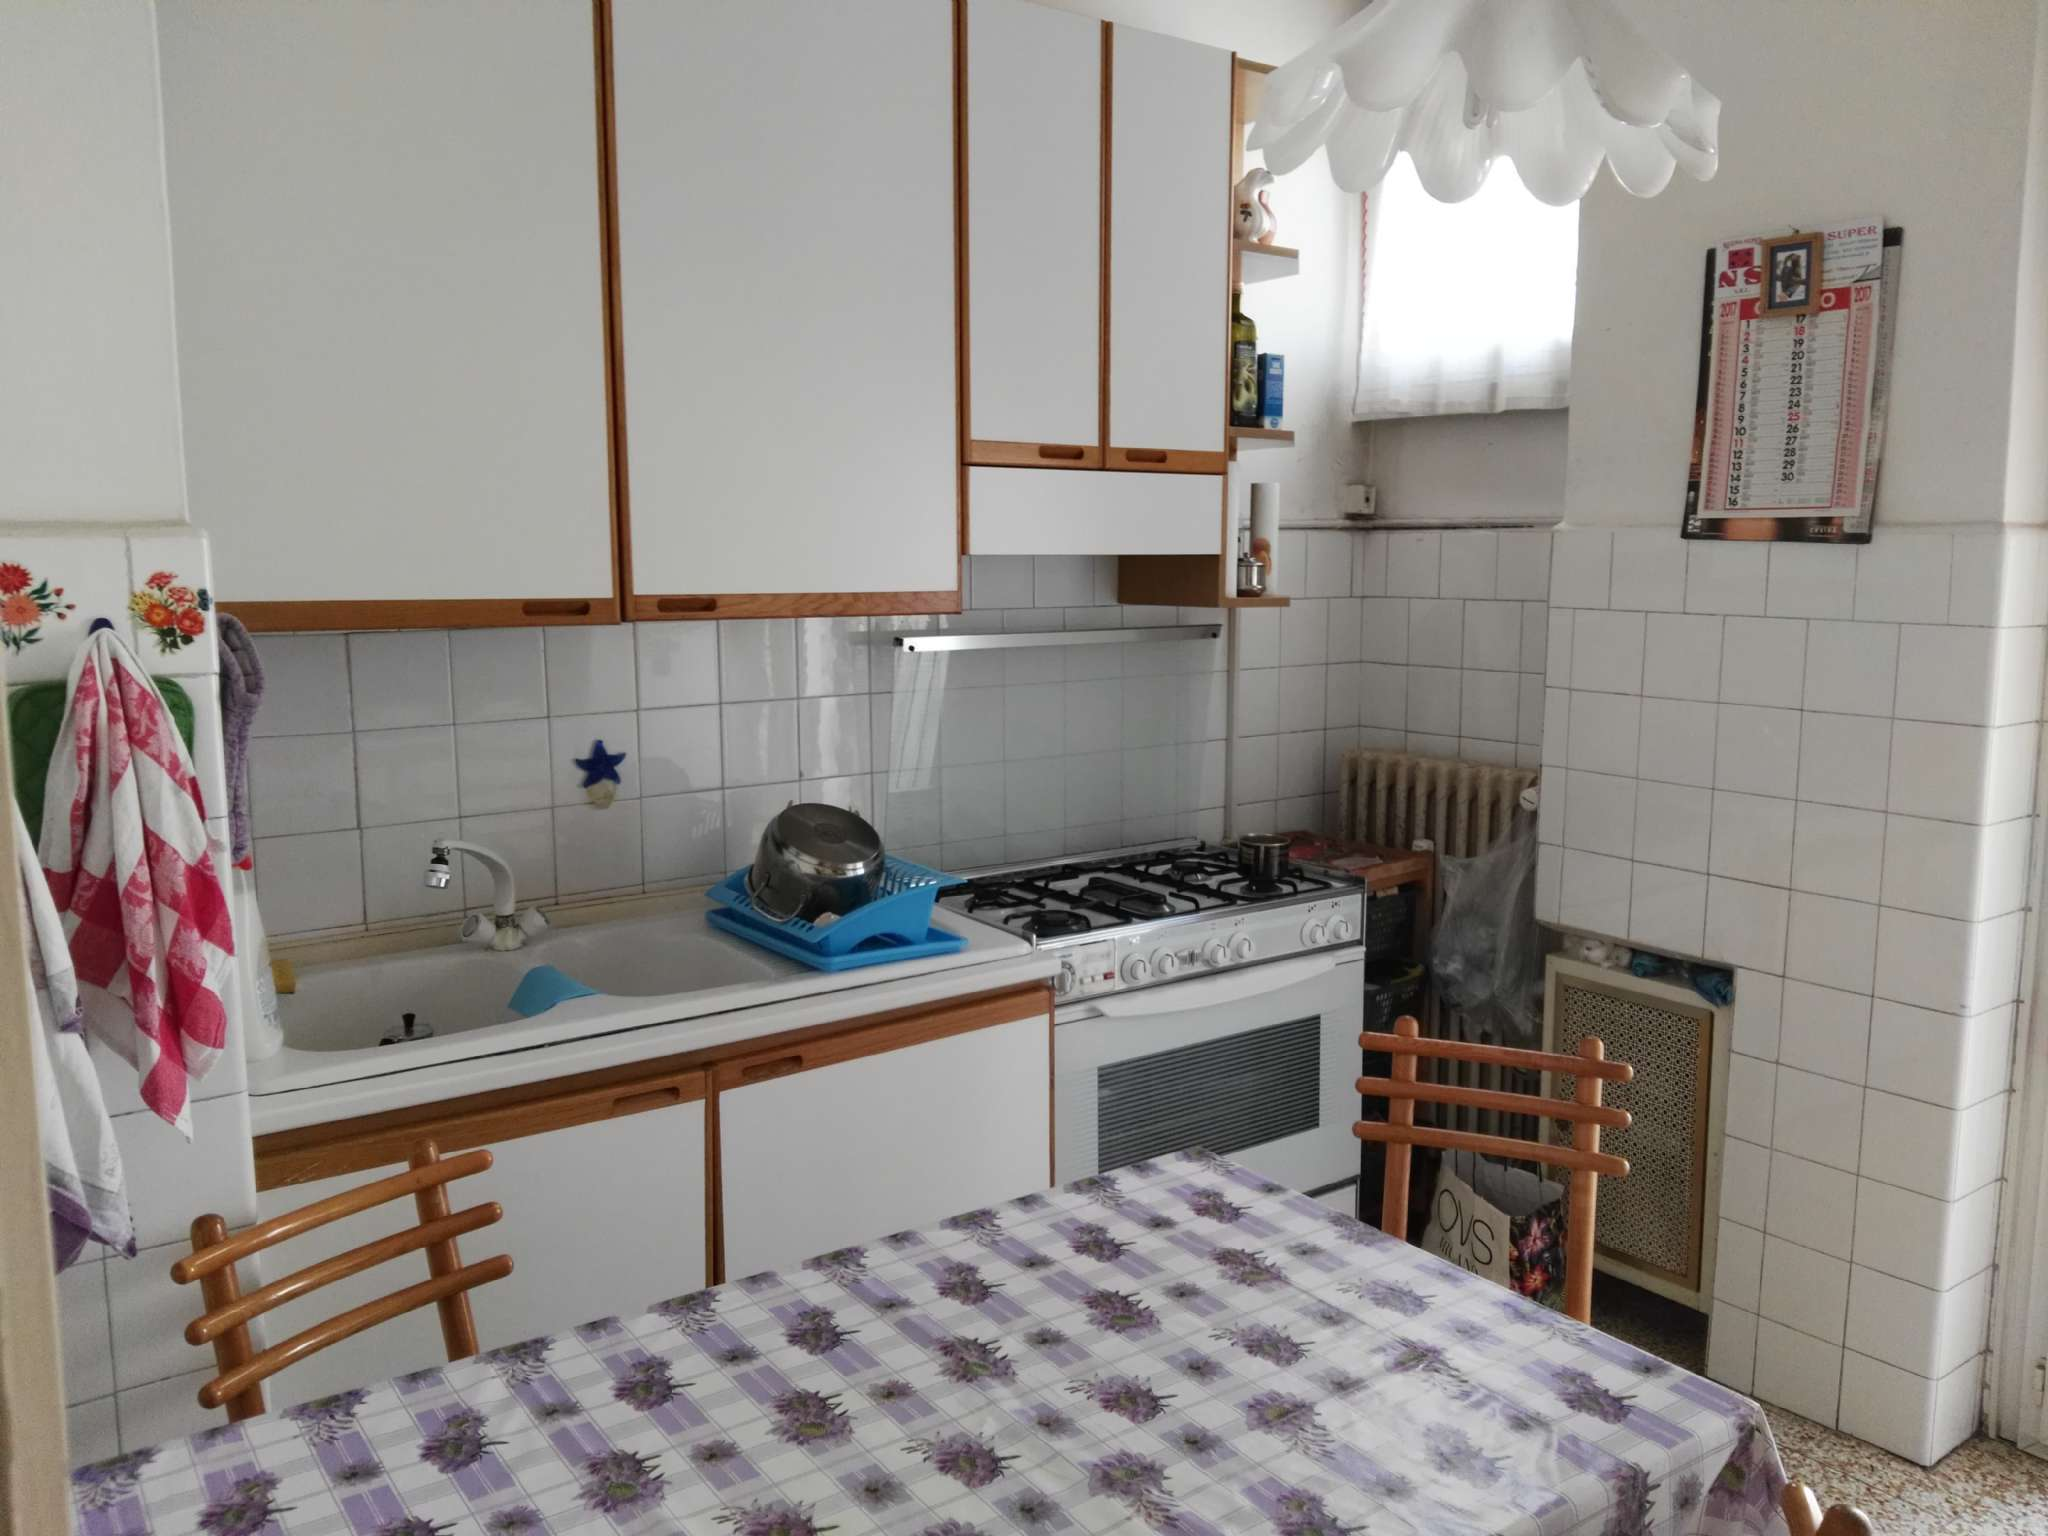 Appartamento in affitto a Milano, 2 locali, zona Zona: 14 . Lotto, Novara, San Siro, QT8 , Montestella, Rembrandt, prezzo € 500 | CambioCasa.it